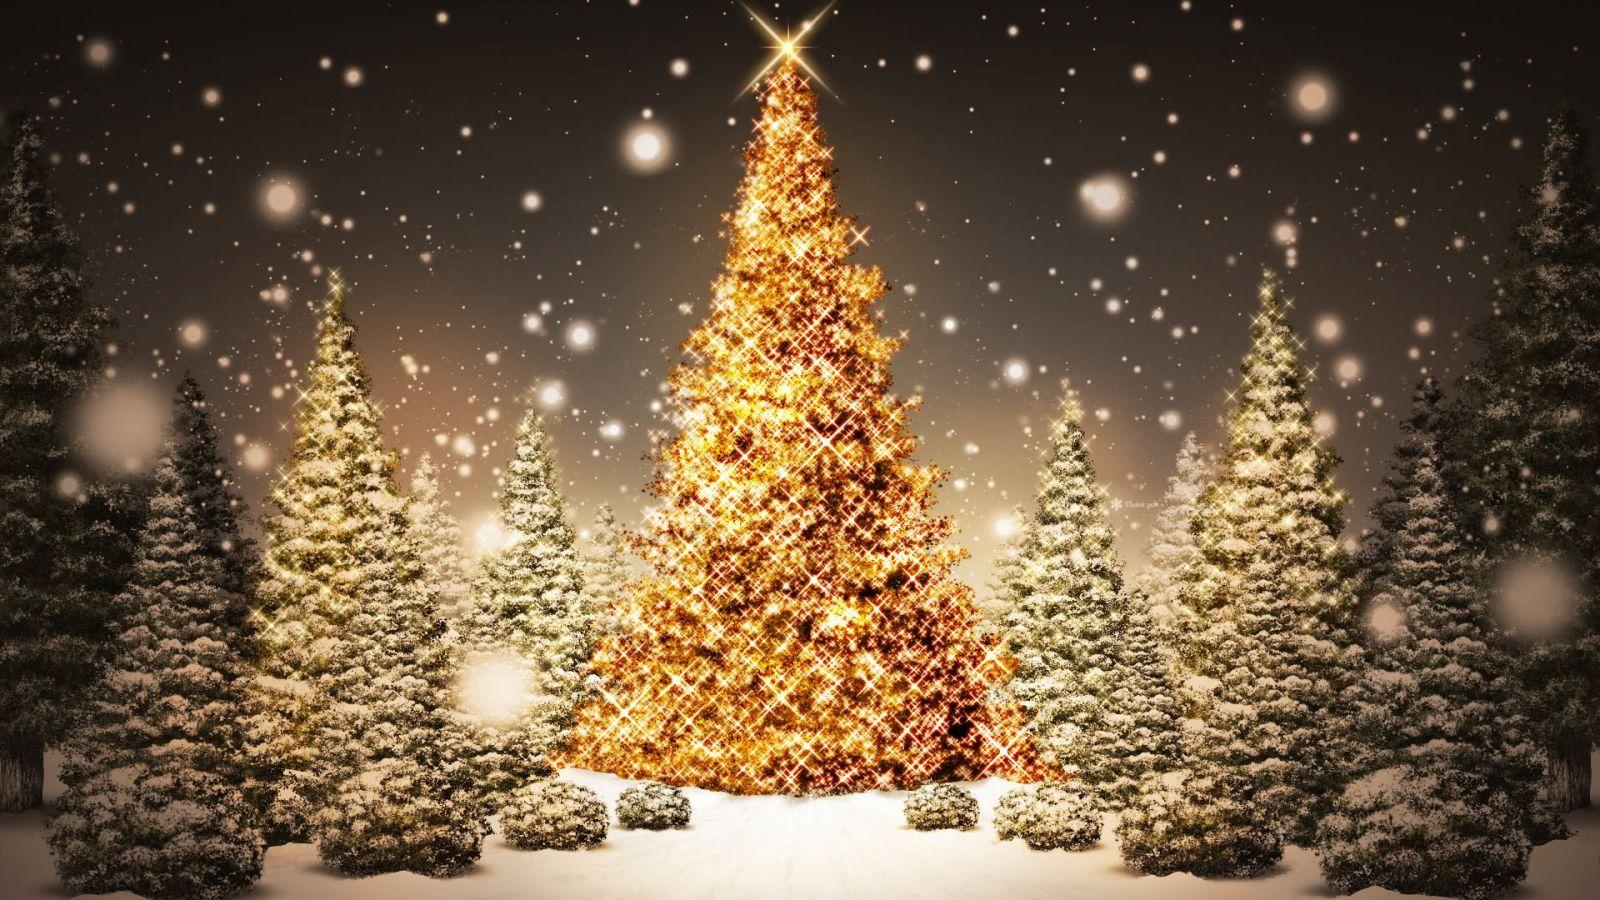 تورهای کریسمس 2018   قیمت تورهای کریسمس 2018   تور ارزان کریسمس 2018